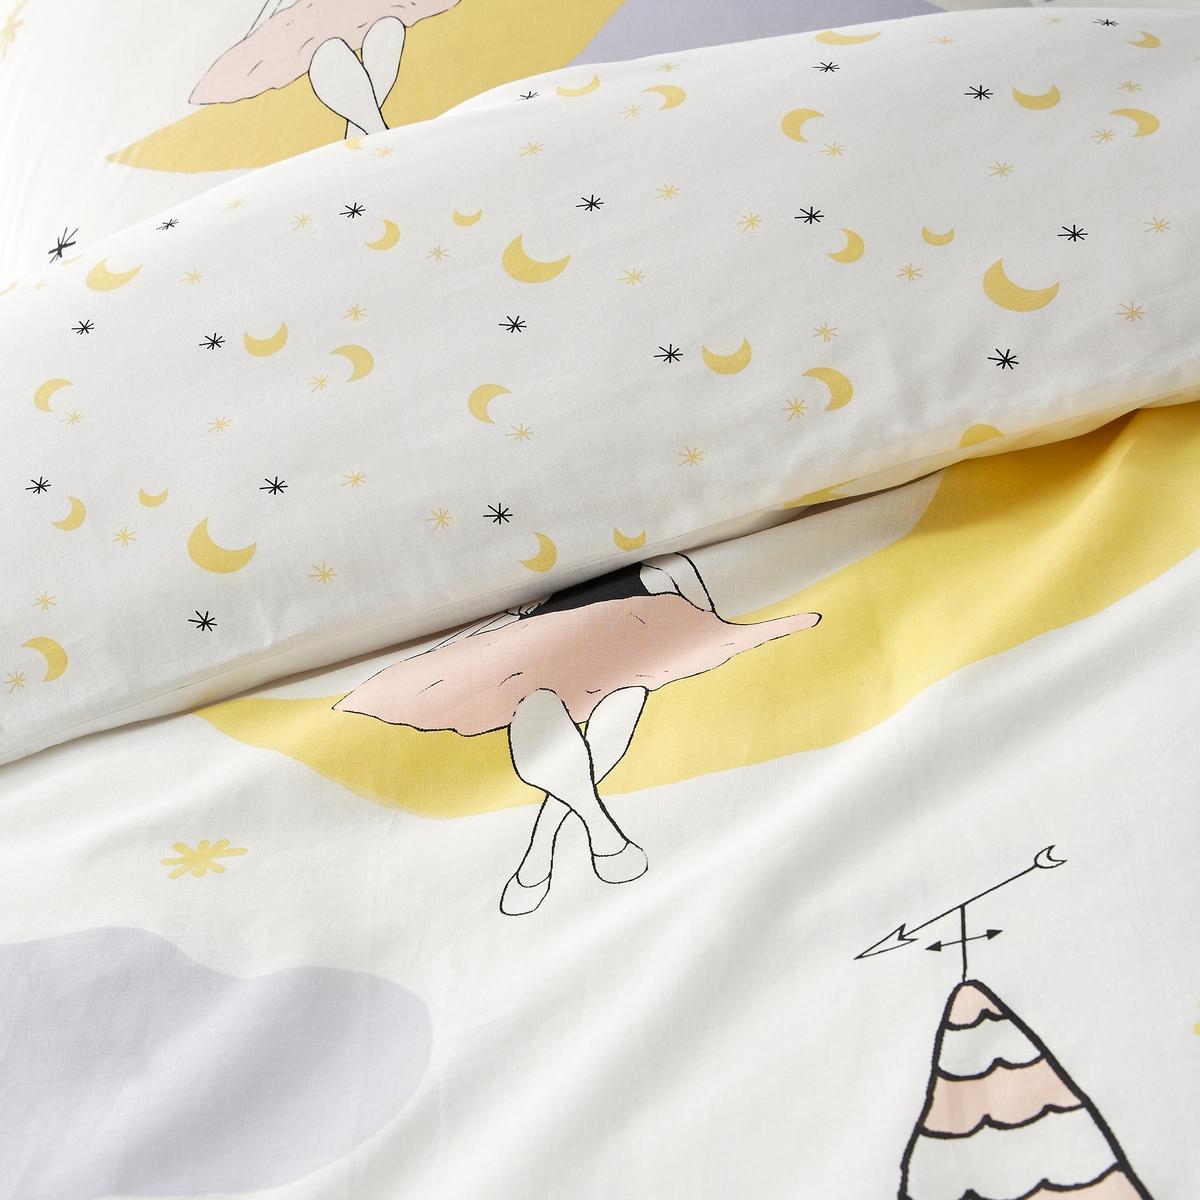 Пододеяльник с рисунком, детский, MoongirlДетский пододеяльник Moongirl. Маленькая девочка, сидящая на лунном месяце, наблюдает за городом. Красивая иллюстрация способствует каждому ребенку увидеть сладкие сны. Характеристики пододеяльника Moongirl :- Лицевая сторона с рисунком, оборотная - со сплошным мелким рисунком- 100% хлопок (57 нитей/см?). Чем плотнее переплетение нитей/см?, тем выше качество материала.- Клапан для заправки под матрас- Стирка при 60°.Знак Oeko-Tex® гарантирует, что товары протестированы, сертифицированы и не содержат вредных для здоровья веществ. Весь комплект детского постельного белья Charivari вы найдете на сайте la redoute.ru.Размеры :140 x 200 см : 1-сп.200 х 200 см : 1-2-сп.<br><br>Цвет: белый наб.рисунок